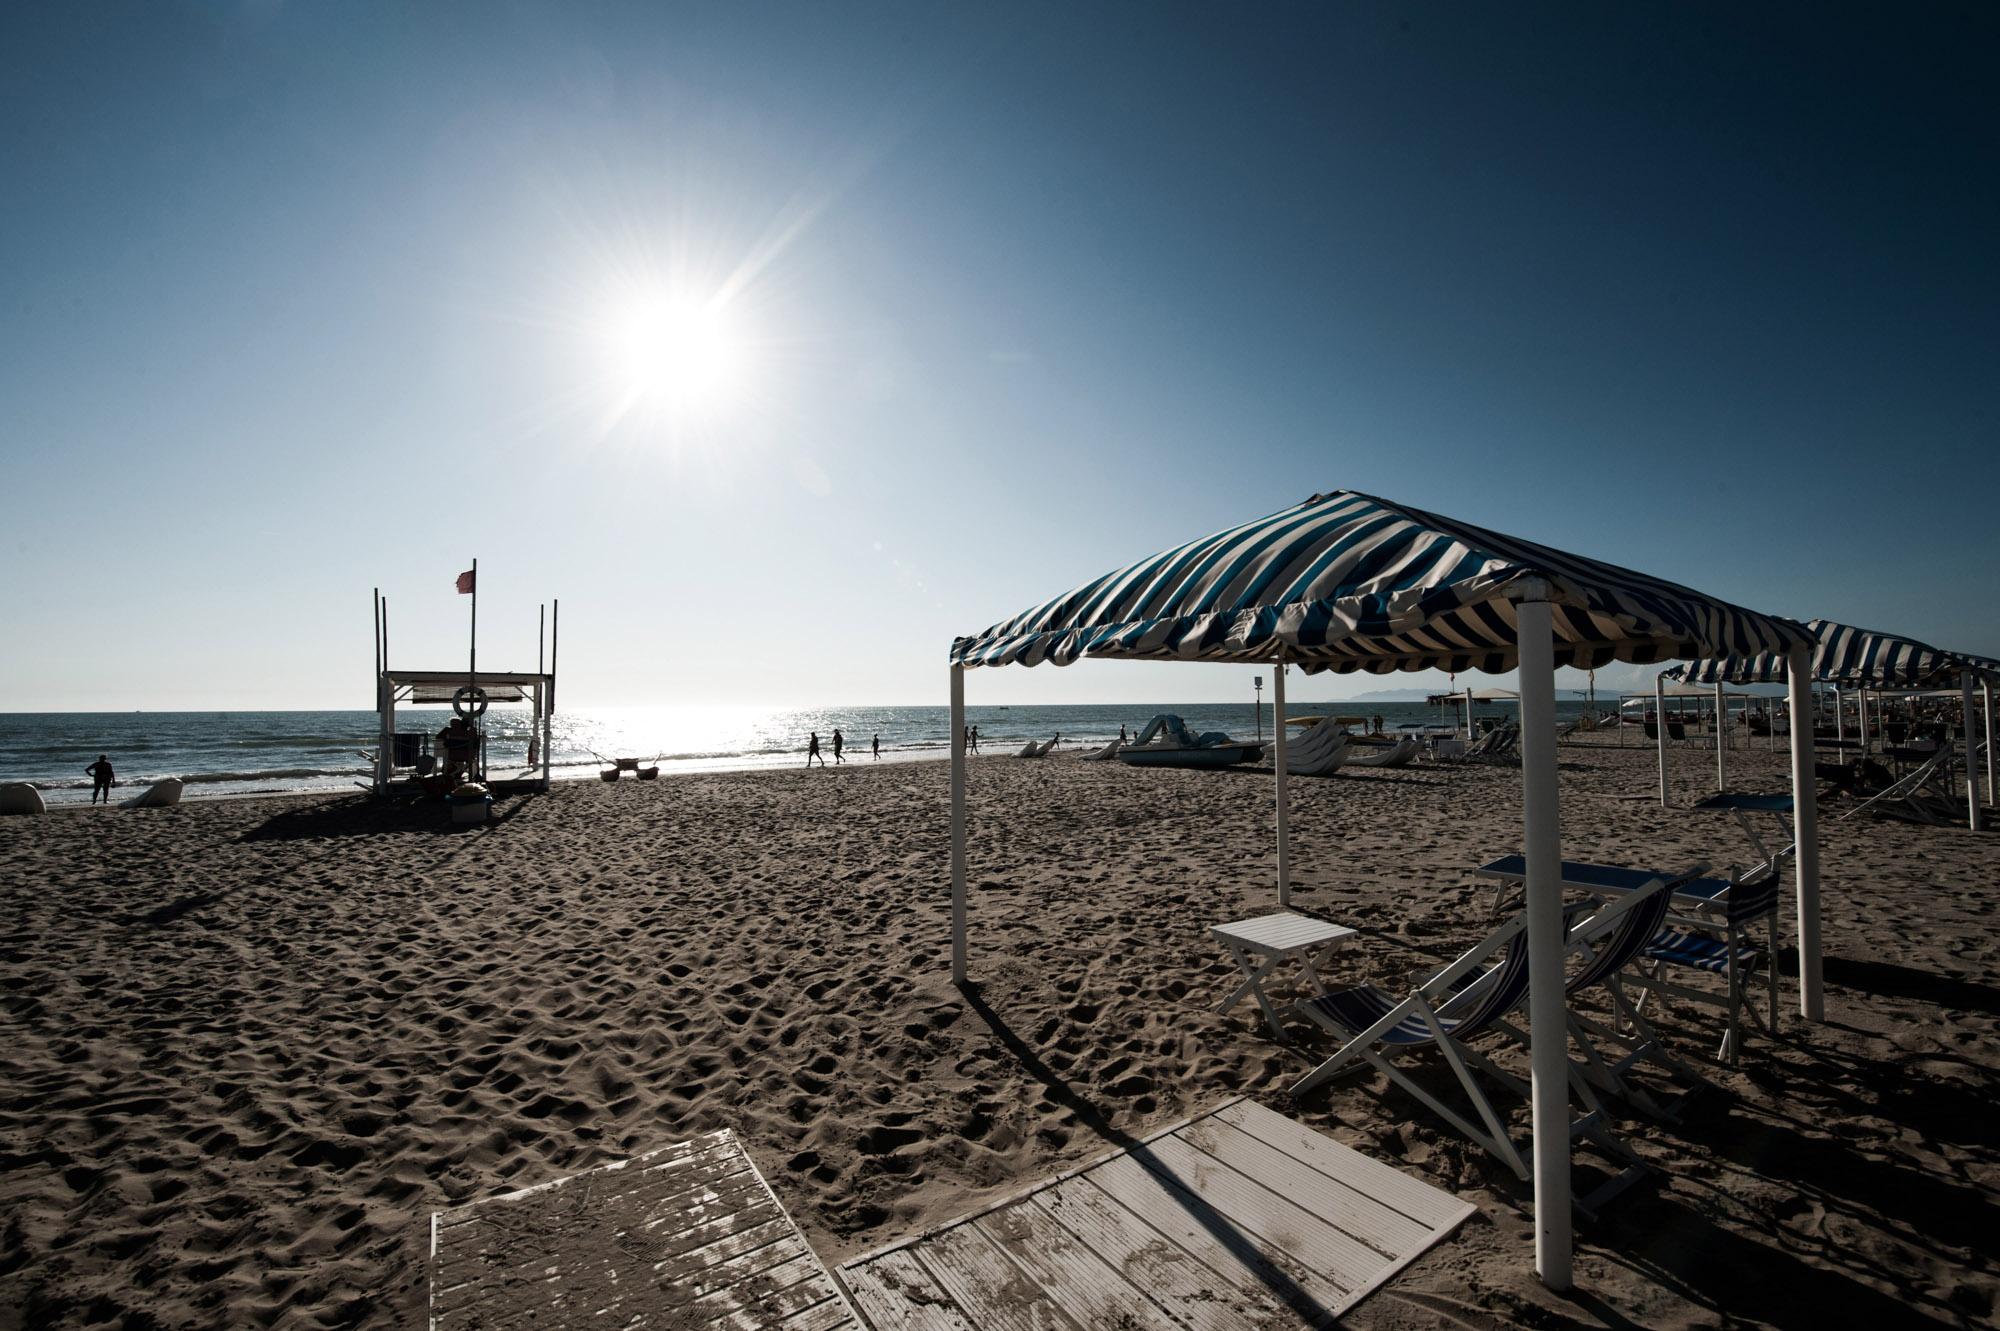 Salvataggio - Bagno sole viareggio ...